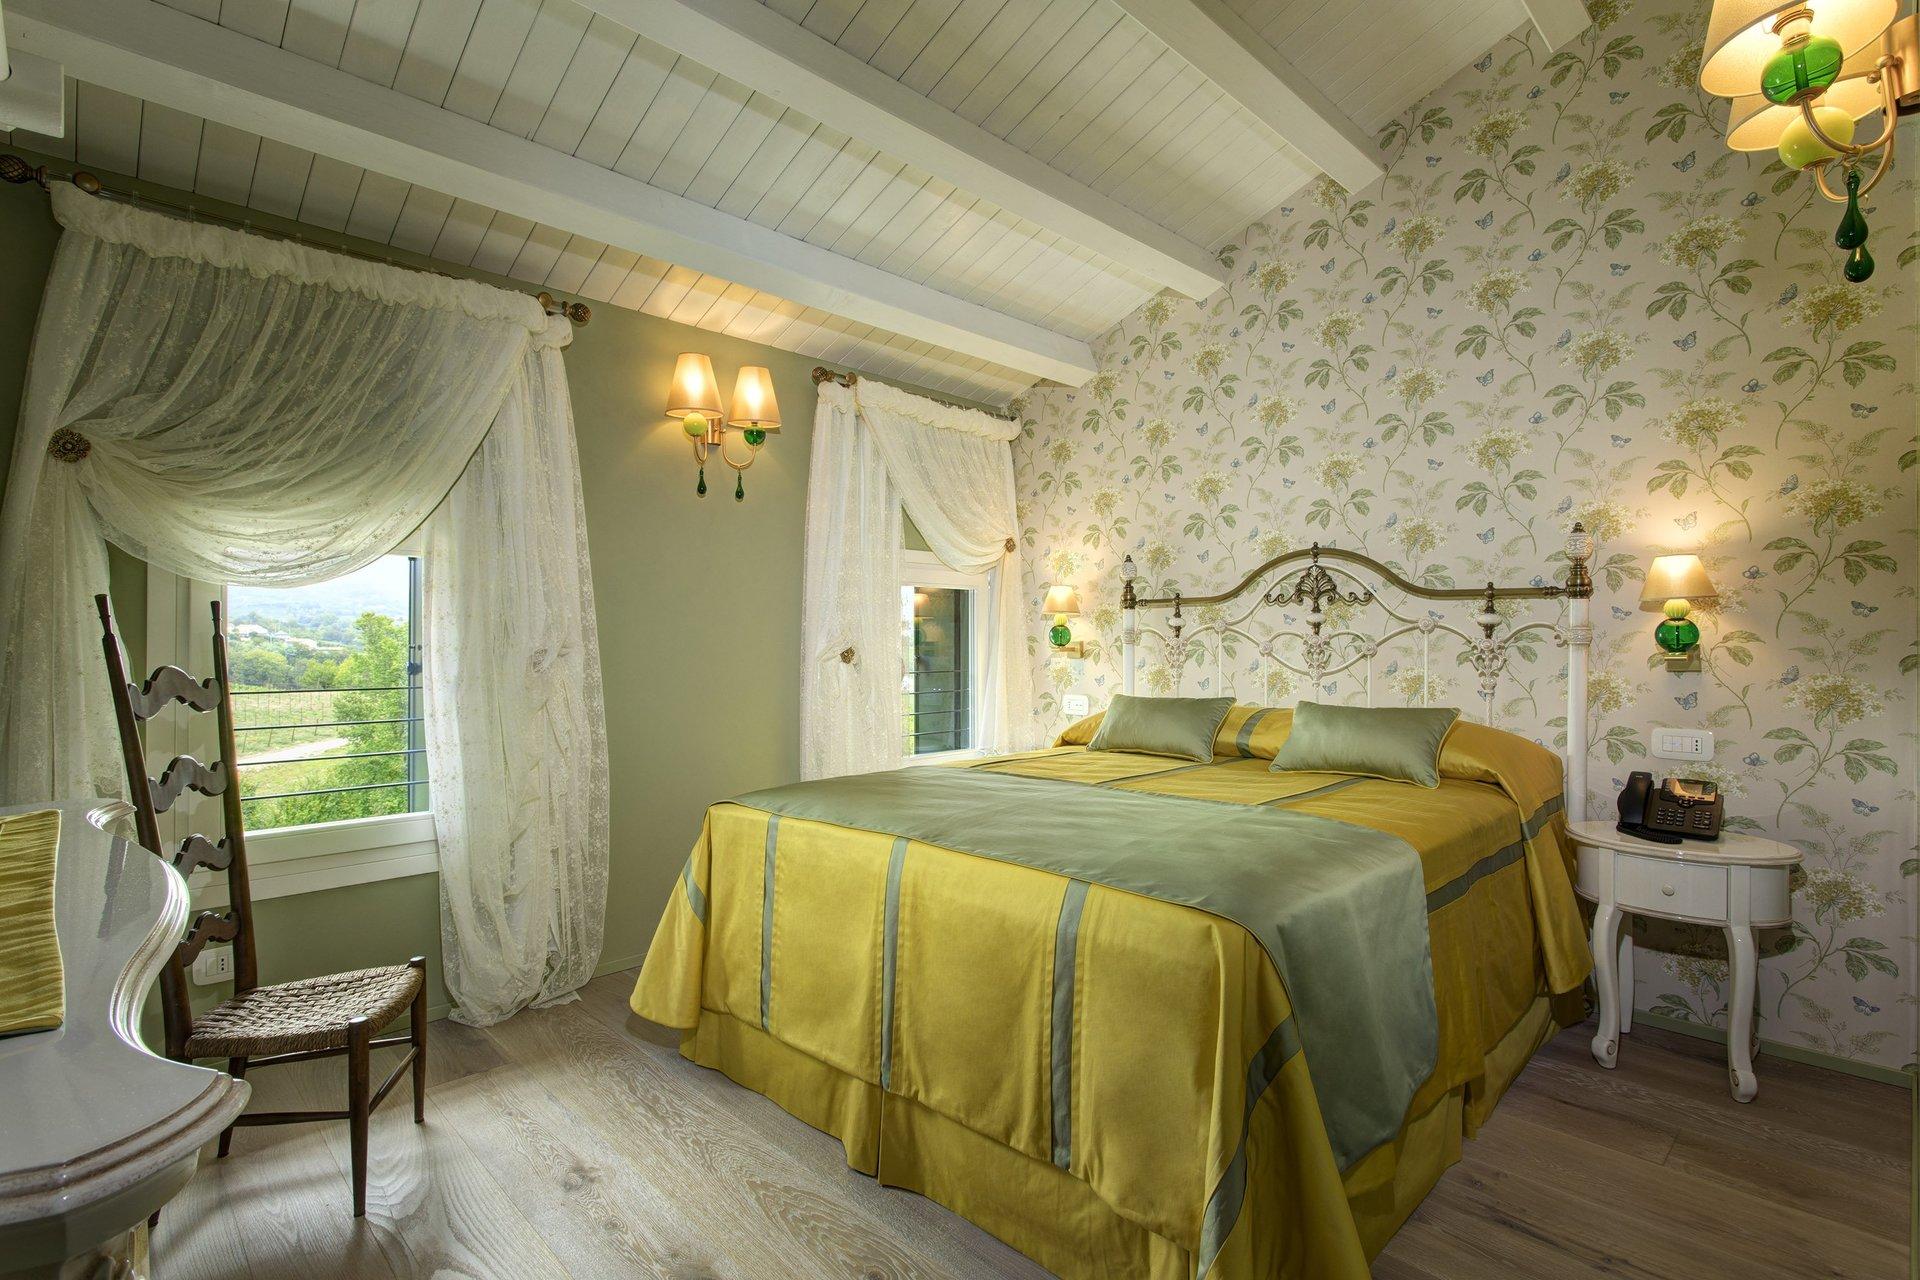 camera da letto con carta da parati colorata